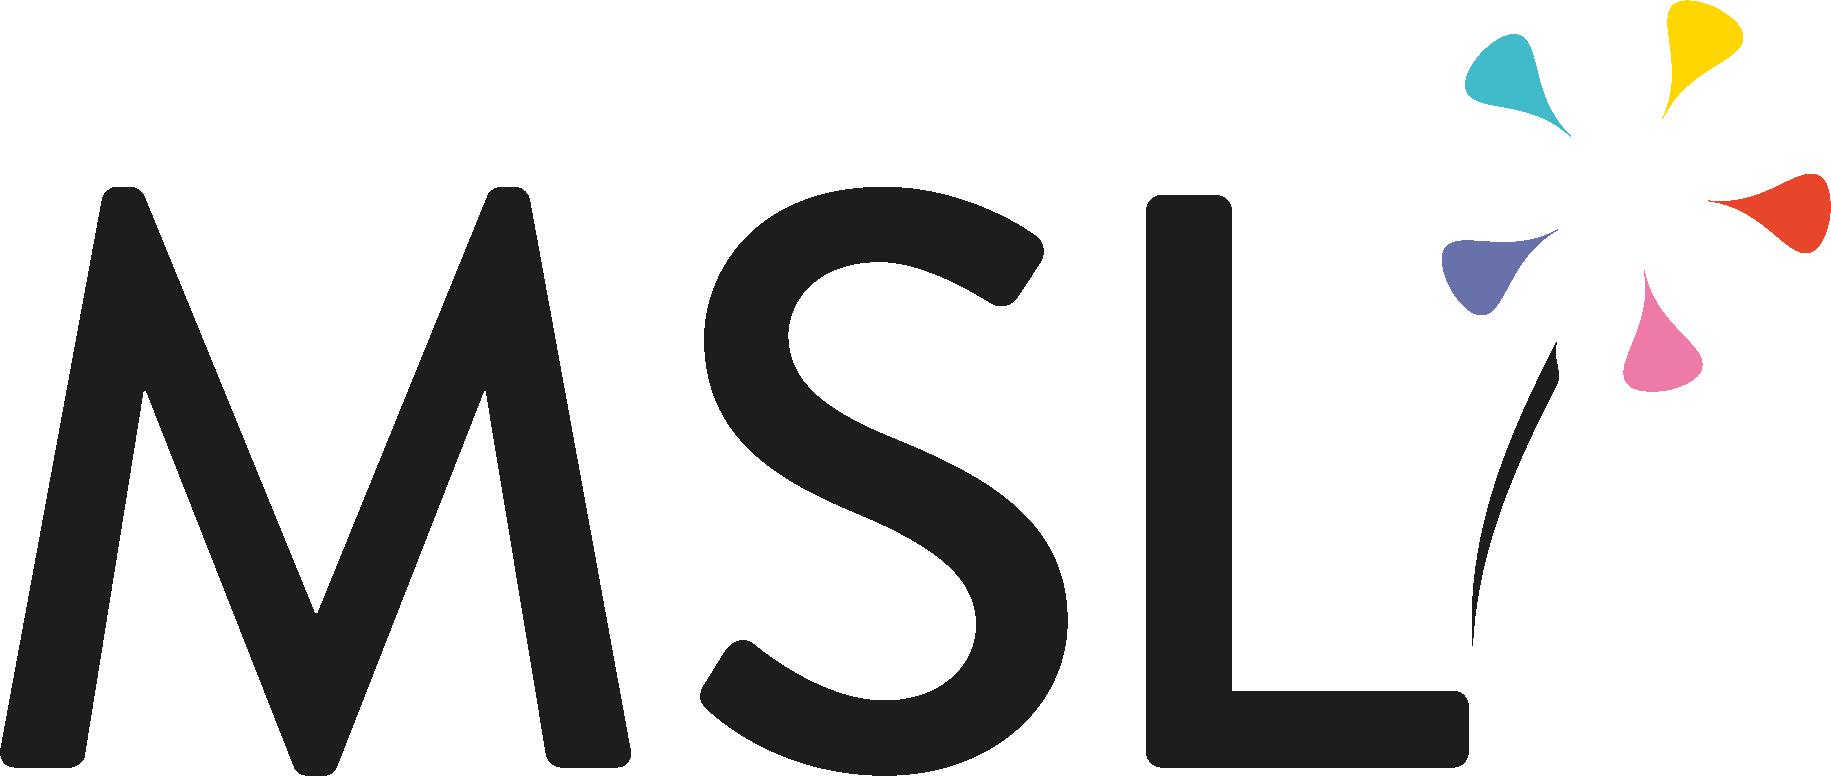 MSL-ORIGINAL-LOGO-trans1